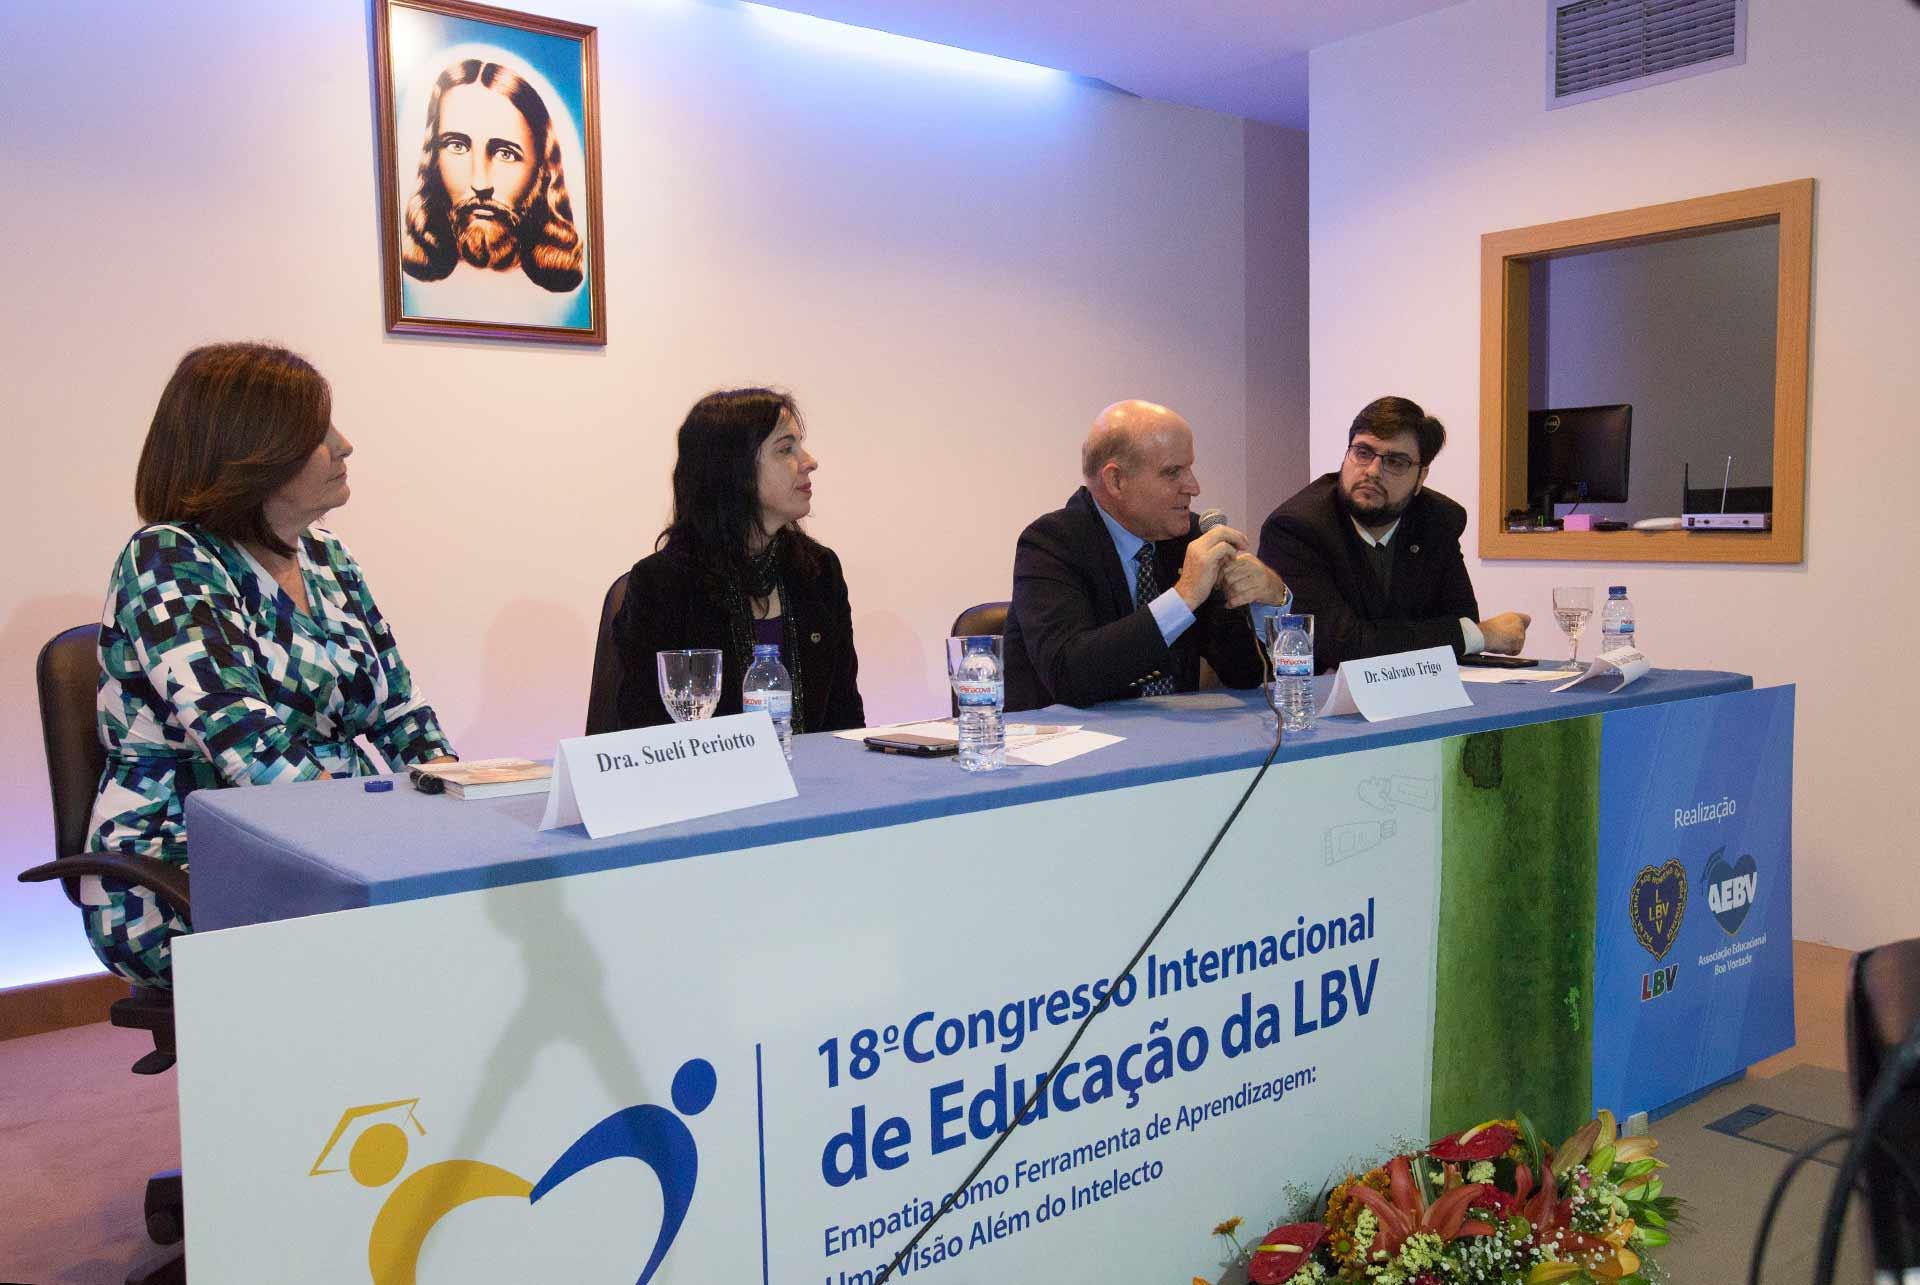 Porto/Portugal —LBV de Portugal sedia o18º Congresso Internacional de Educação, sob o temaEmpatia como Ferramenta de Aprendizagem: Uma Visão Além do Intelecto.